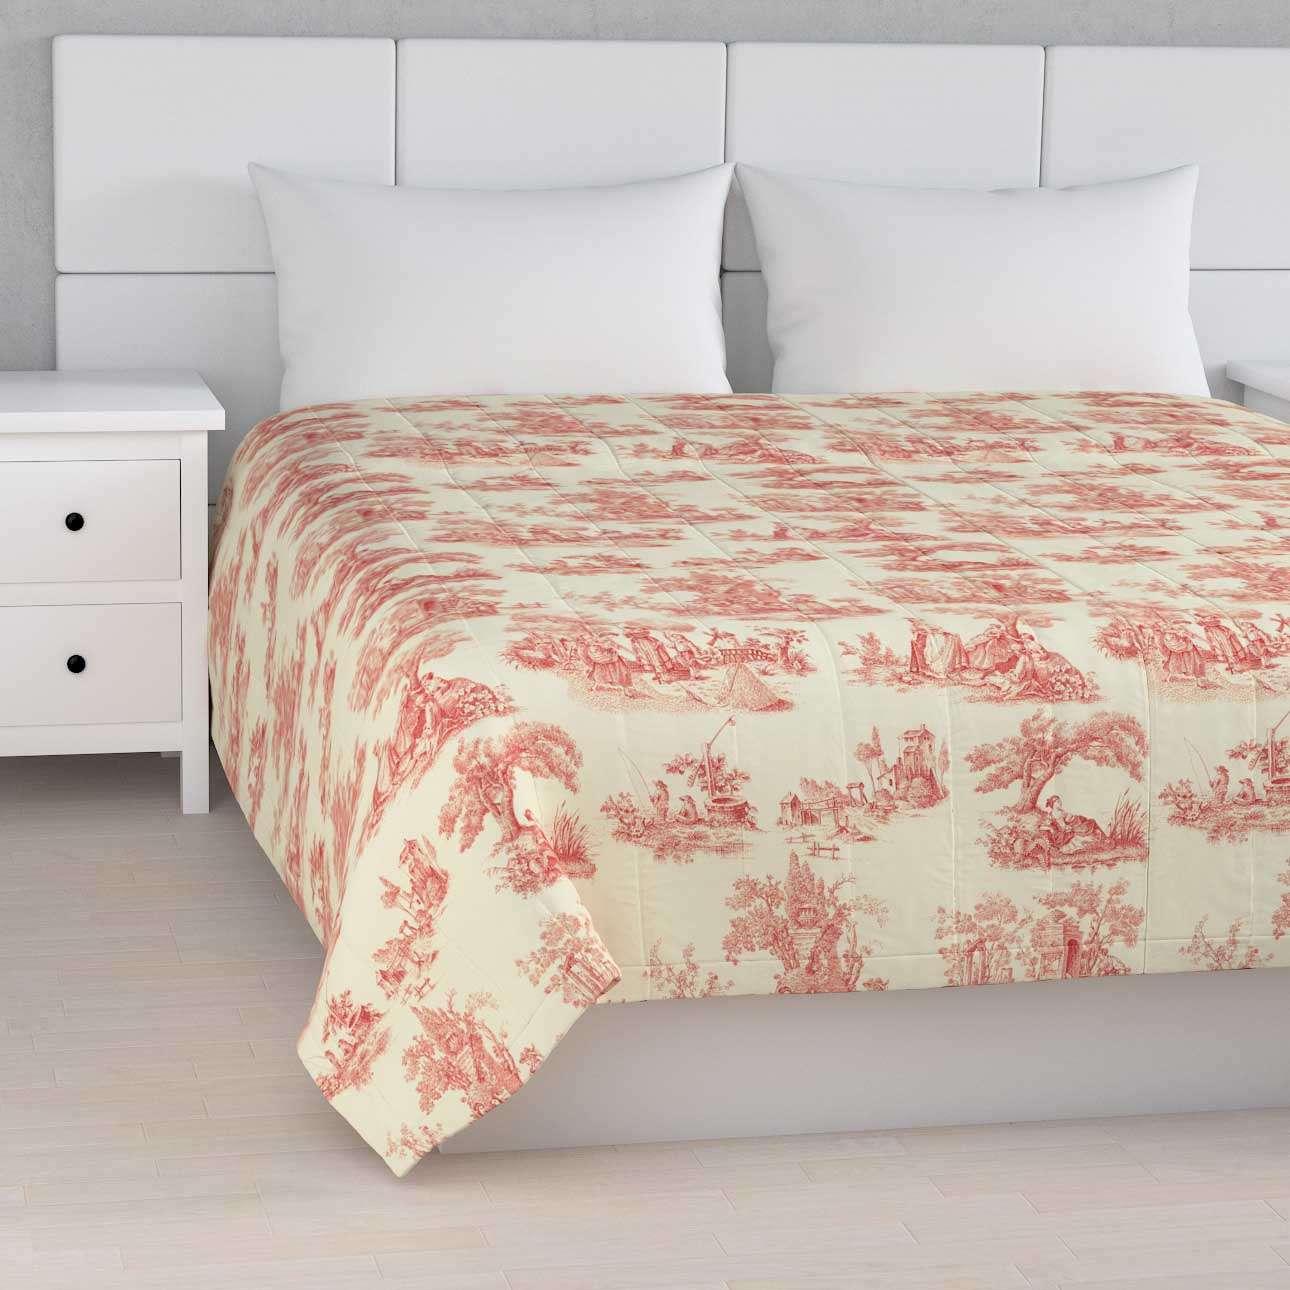 Sengetæppe quiltet<br/>10cm striber 120g/m 260 x 210 cm fra kollektionen Avinon, Stof: 132-15